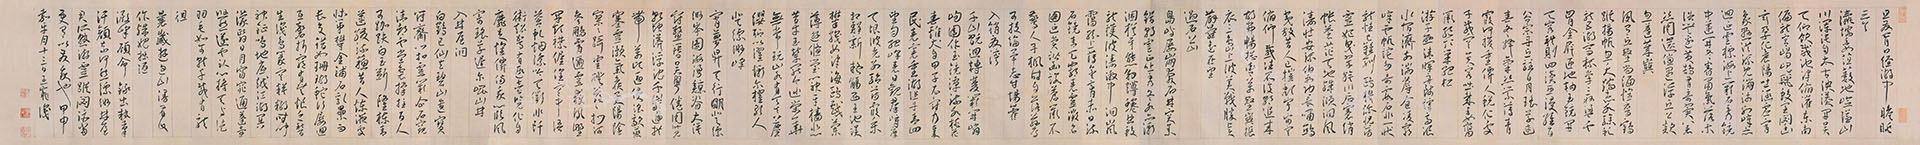 明 王宠 草书李白古风诗卷纸本25.3×310上博